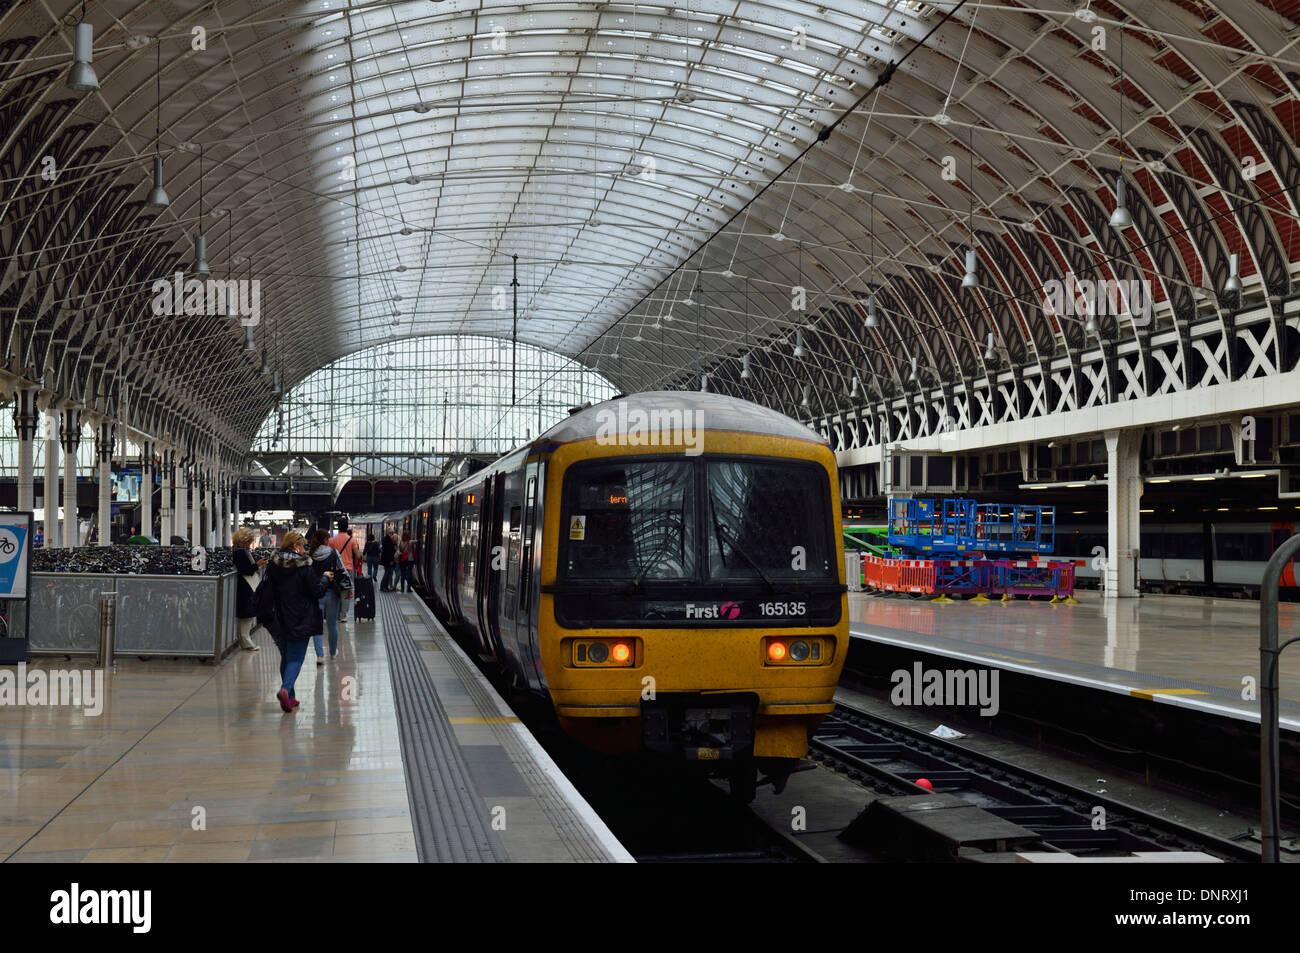 Paddington Station, London W2, United Kingdom - Stock Image